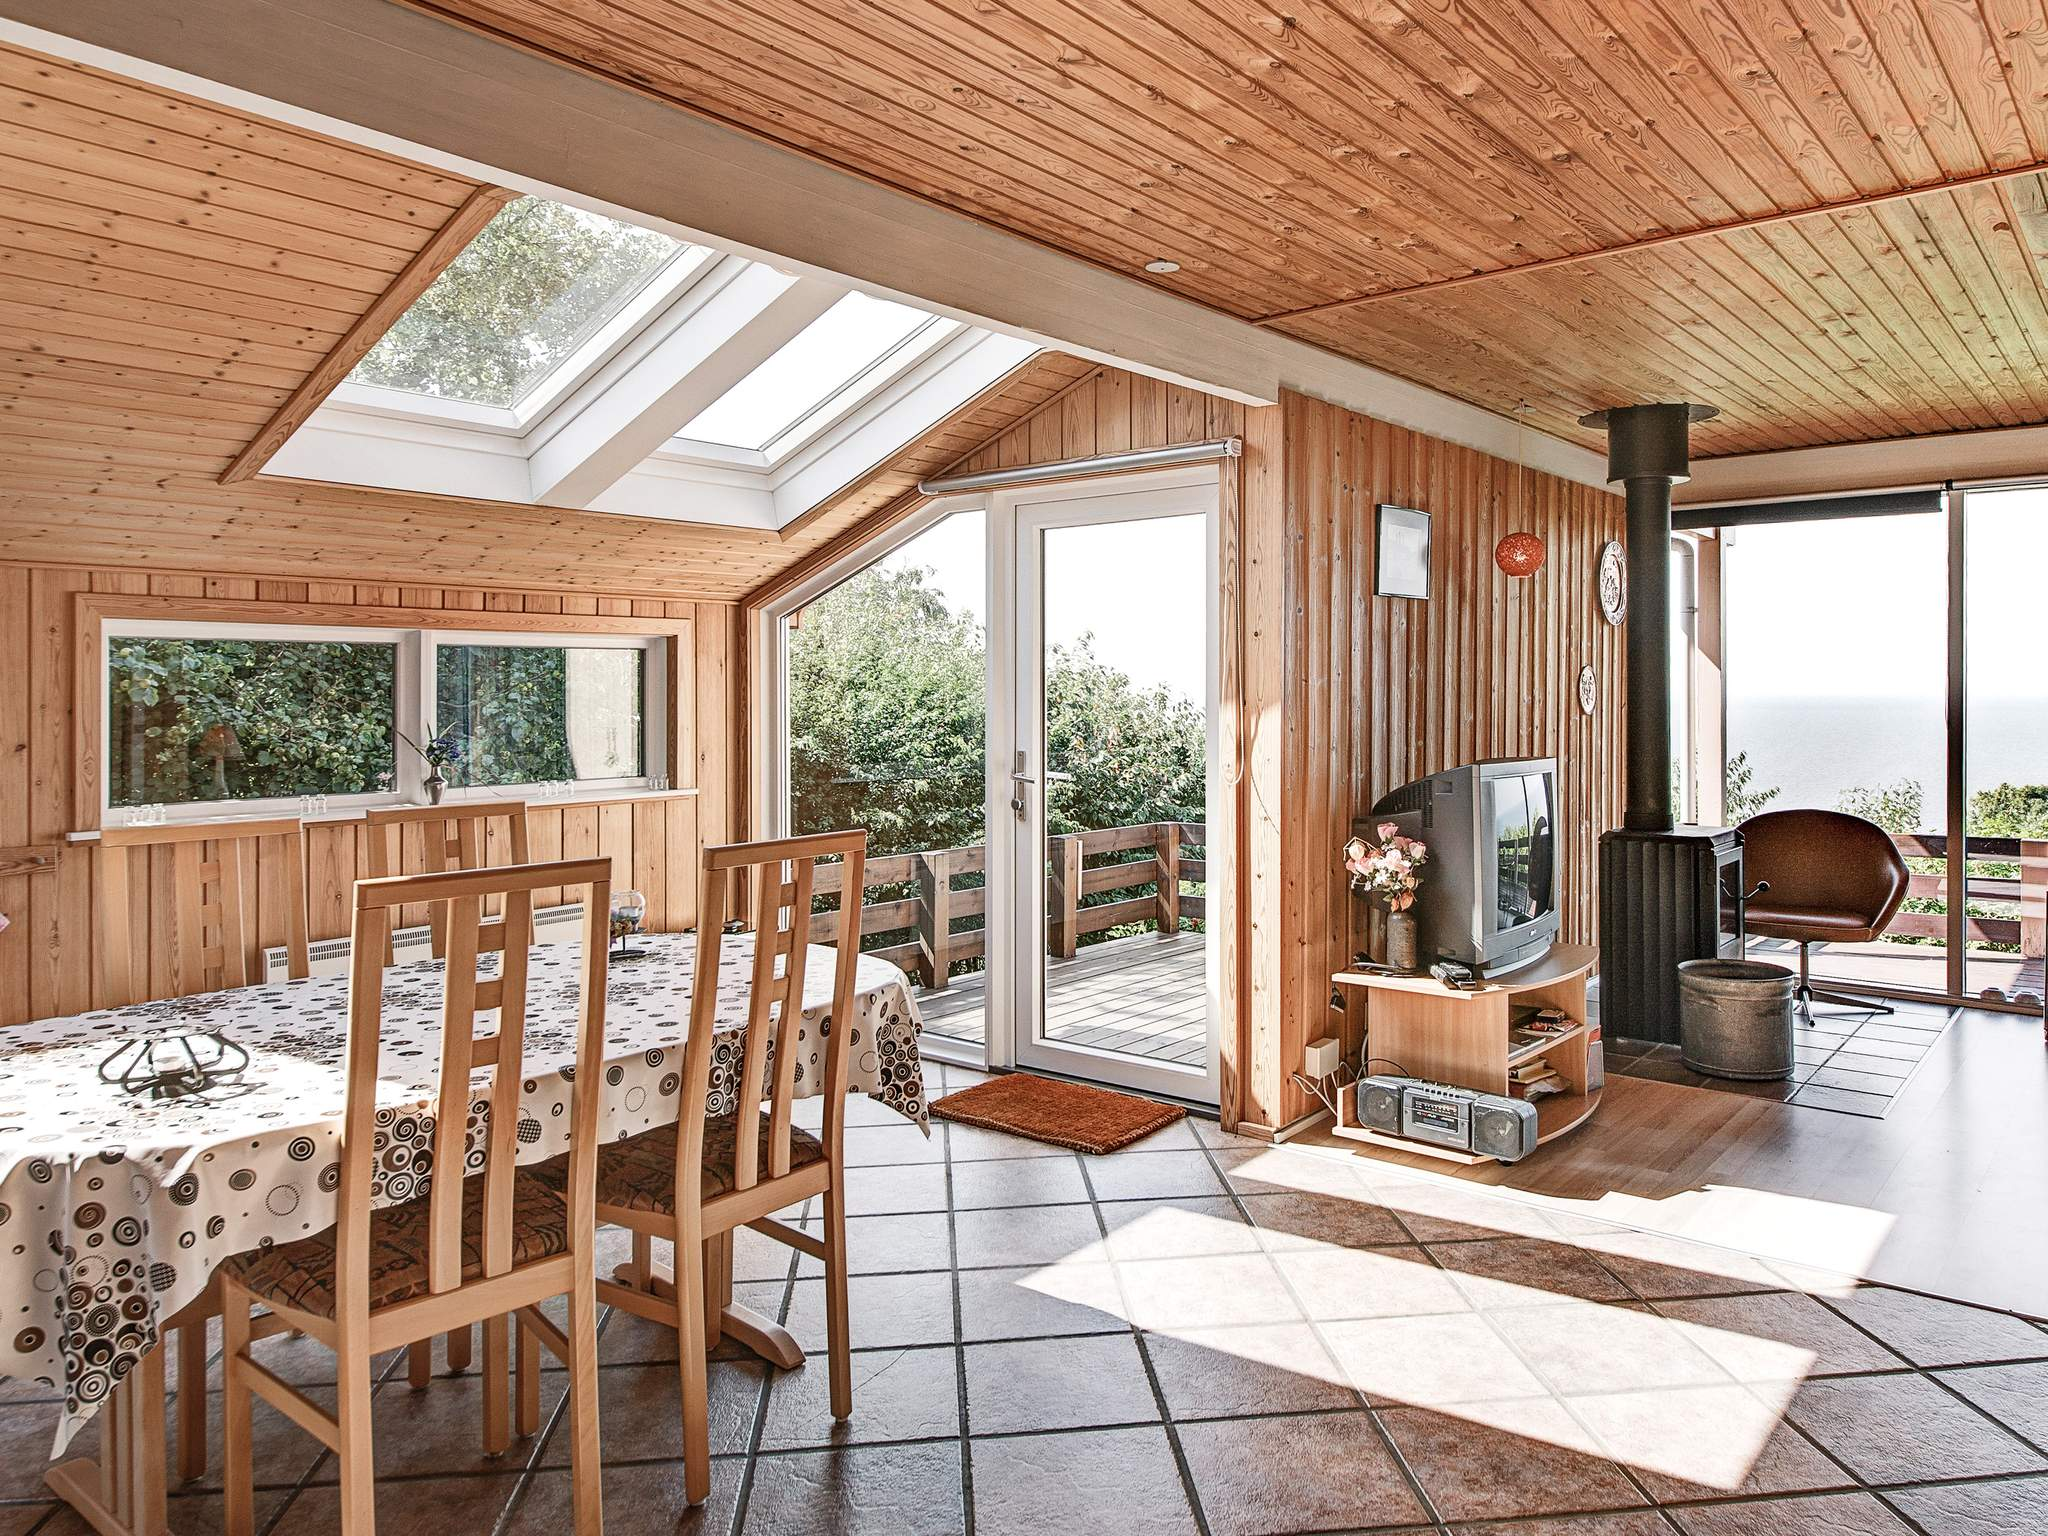 Ferienhaus Vang (87044), Vang (DK), , Bornholm, Dänemark, Bild 3